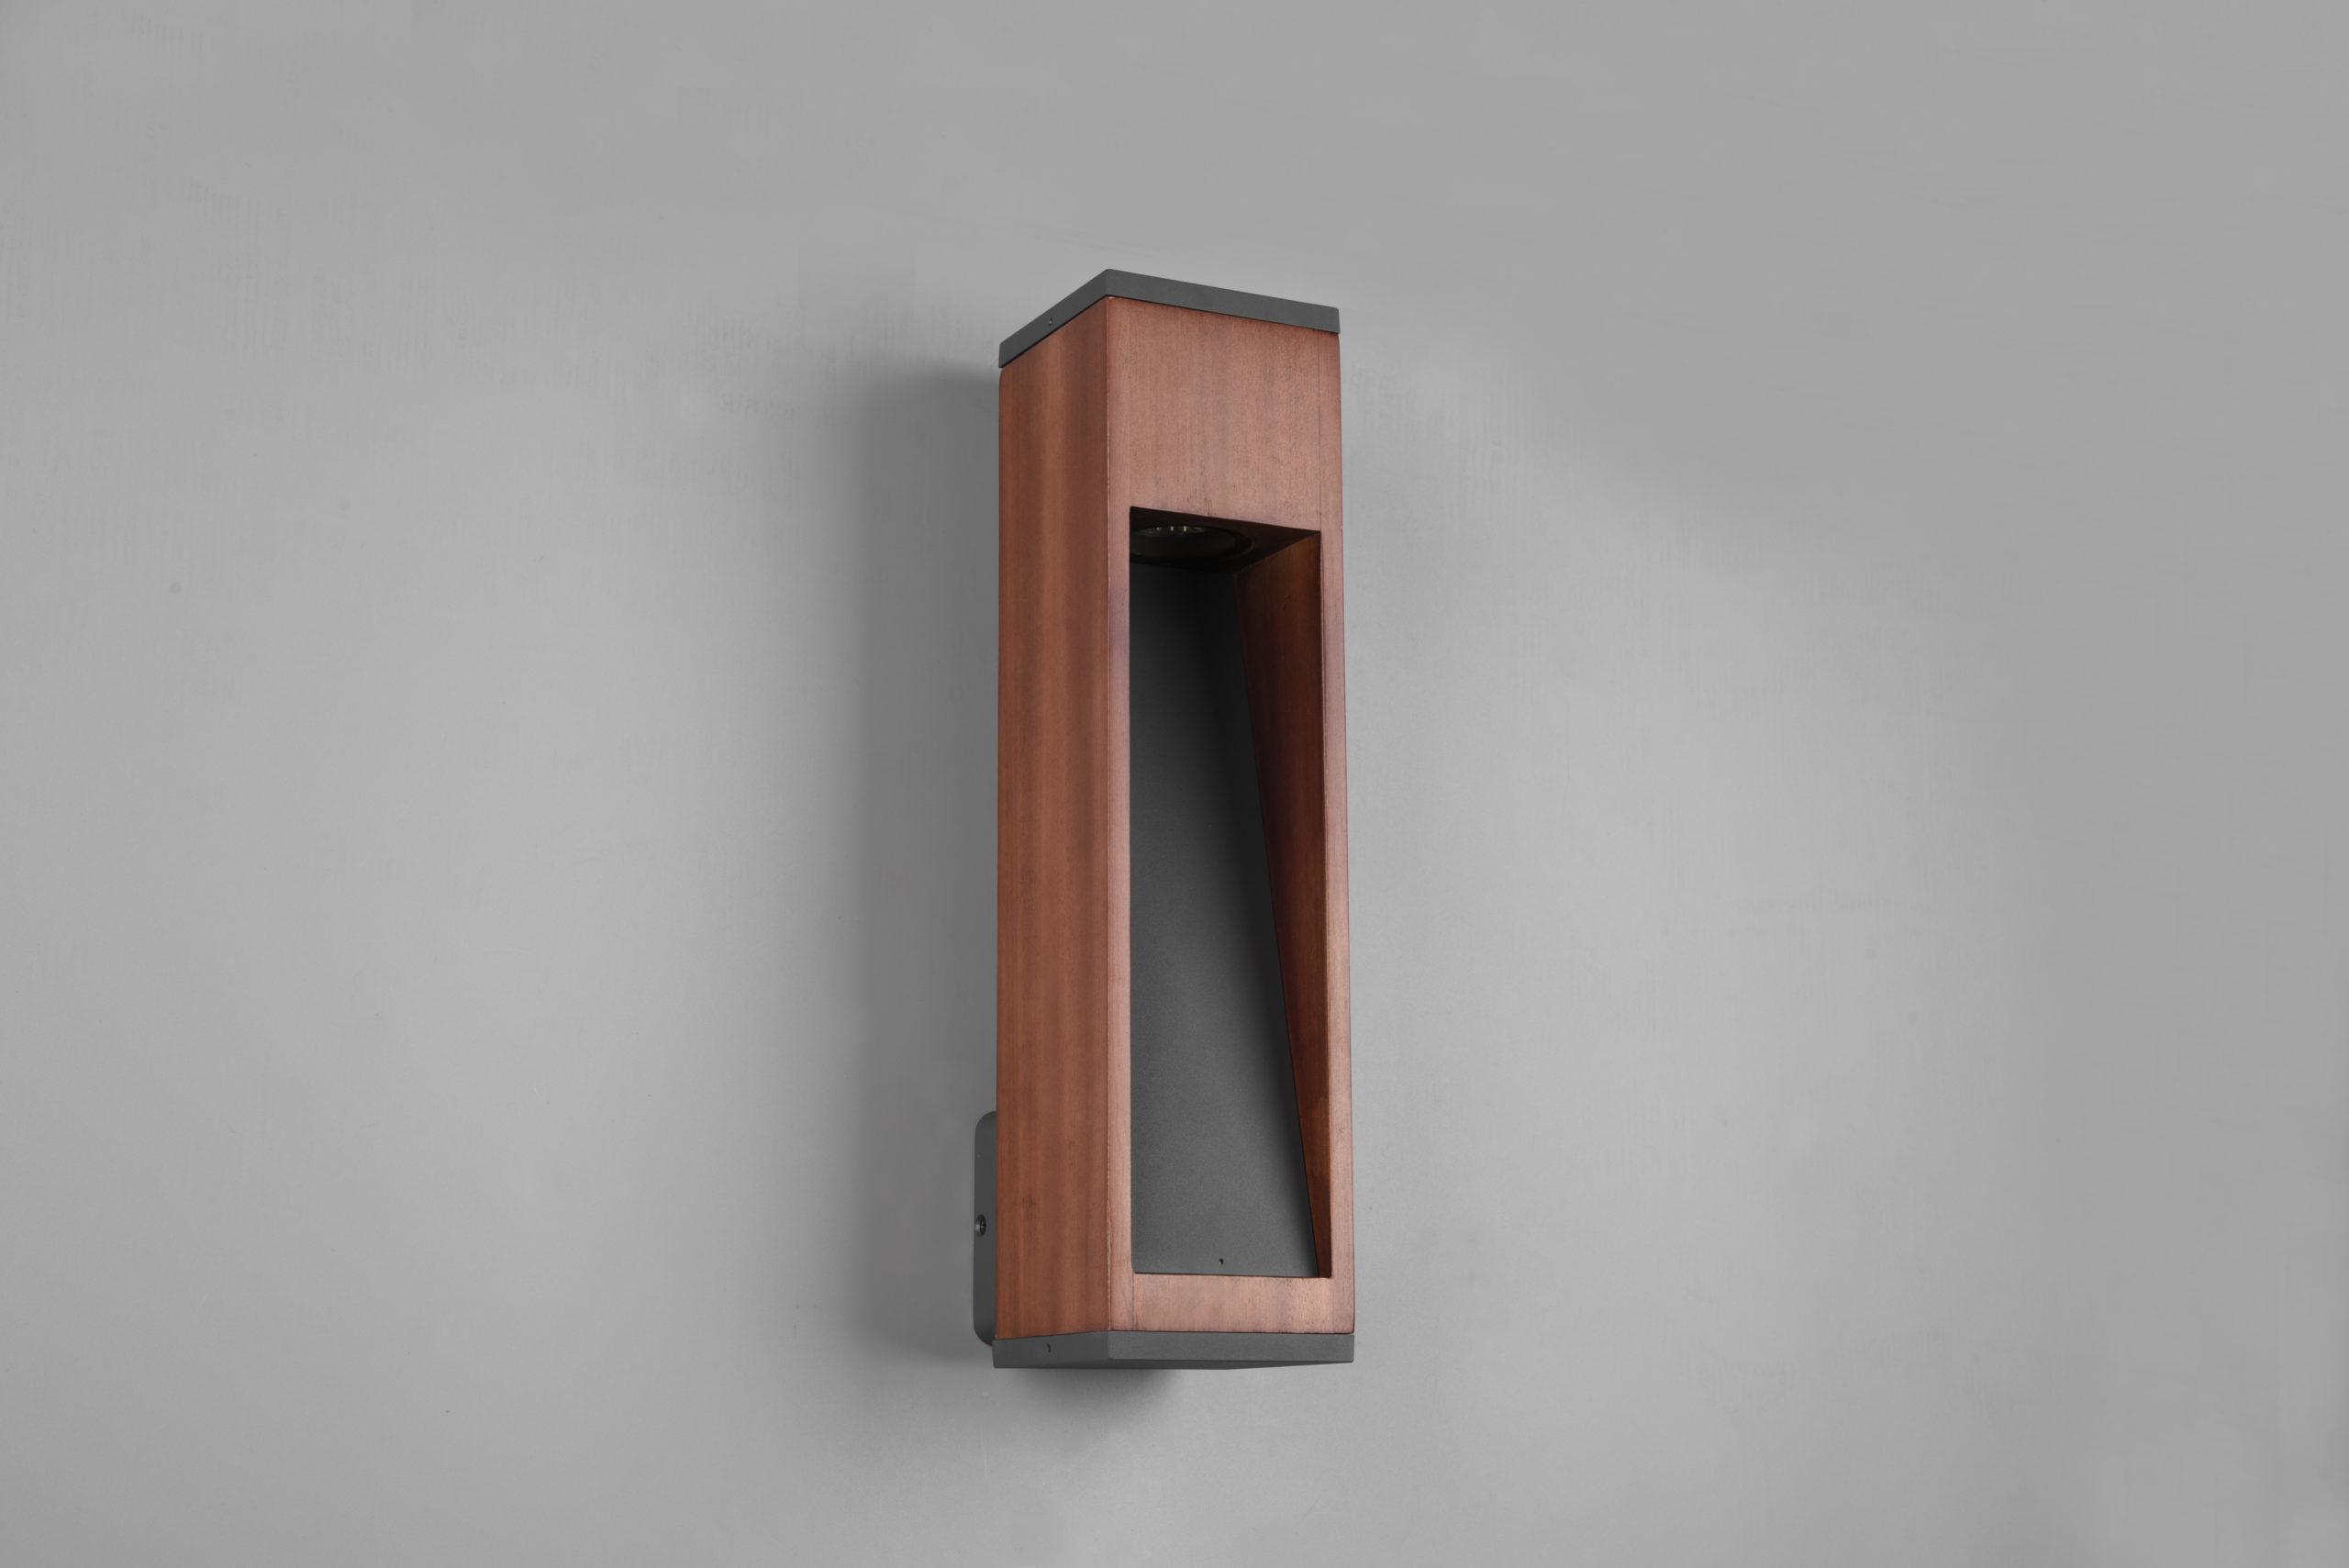 Applique Extérieur en bois naturel Design, GU10